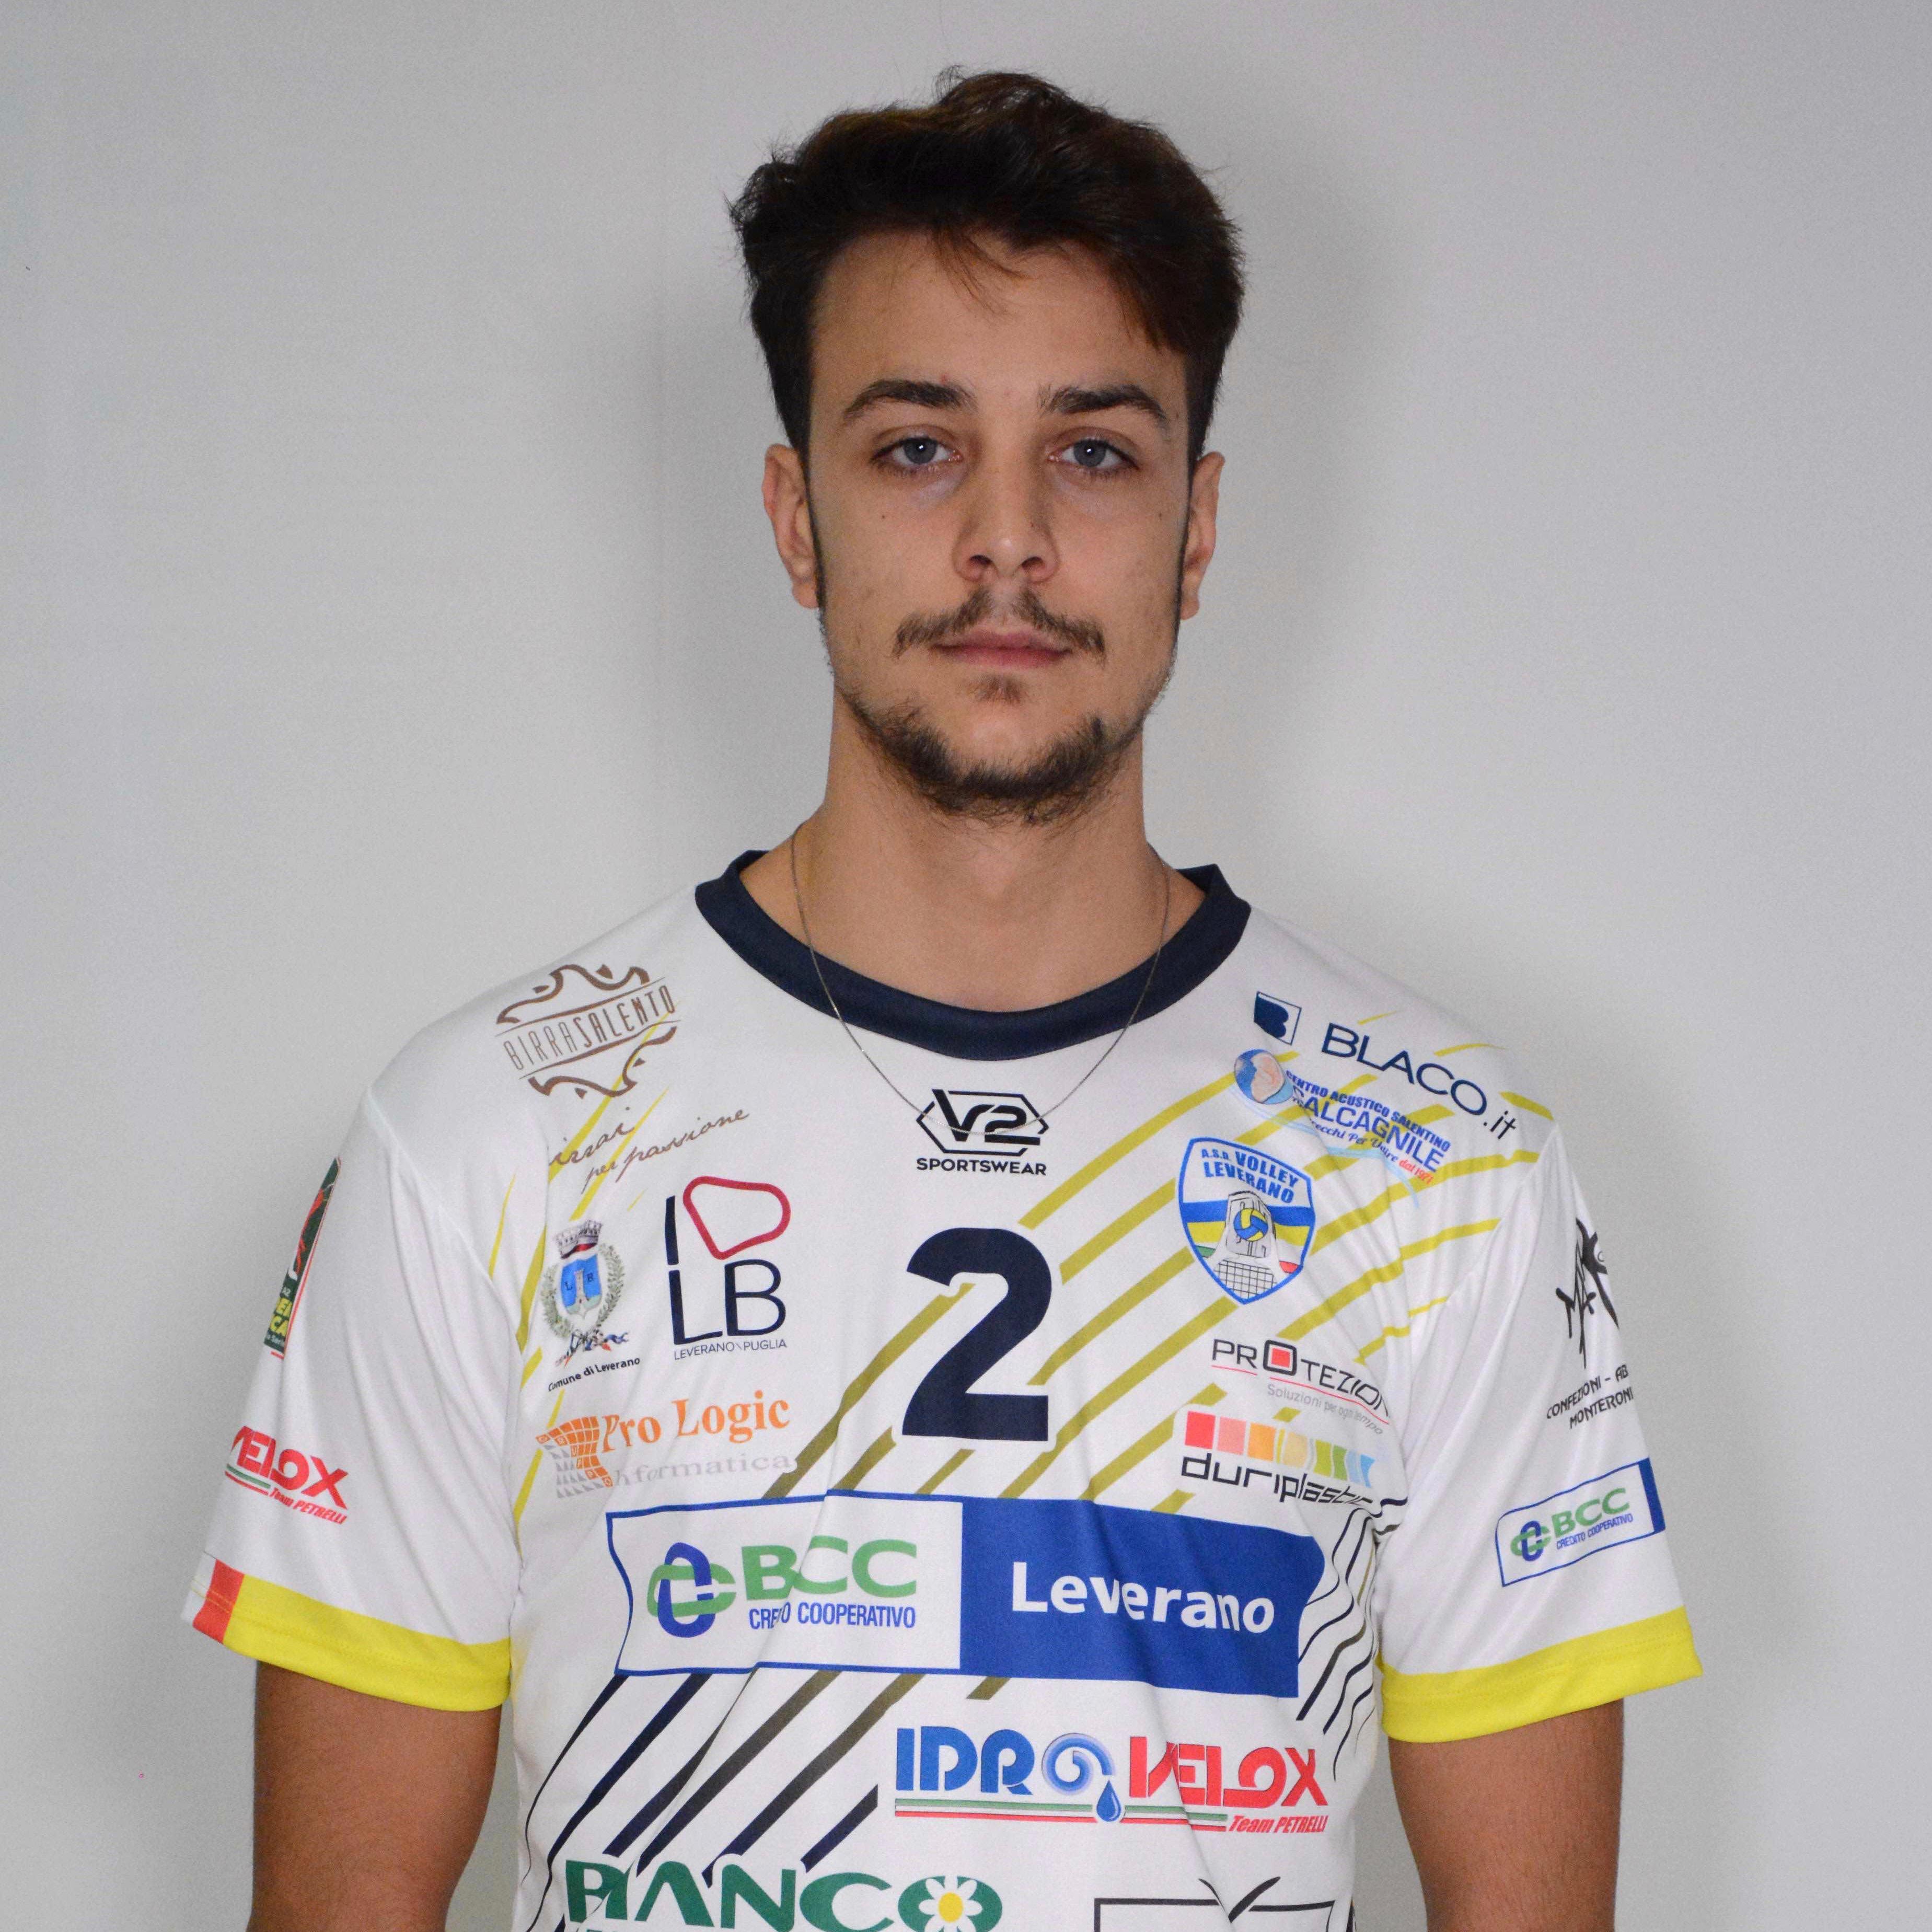 Alessio Ristani